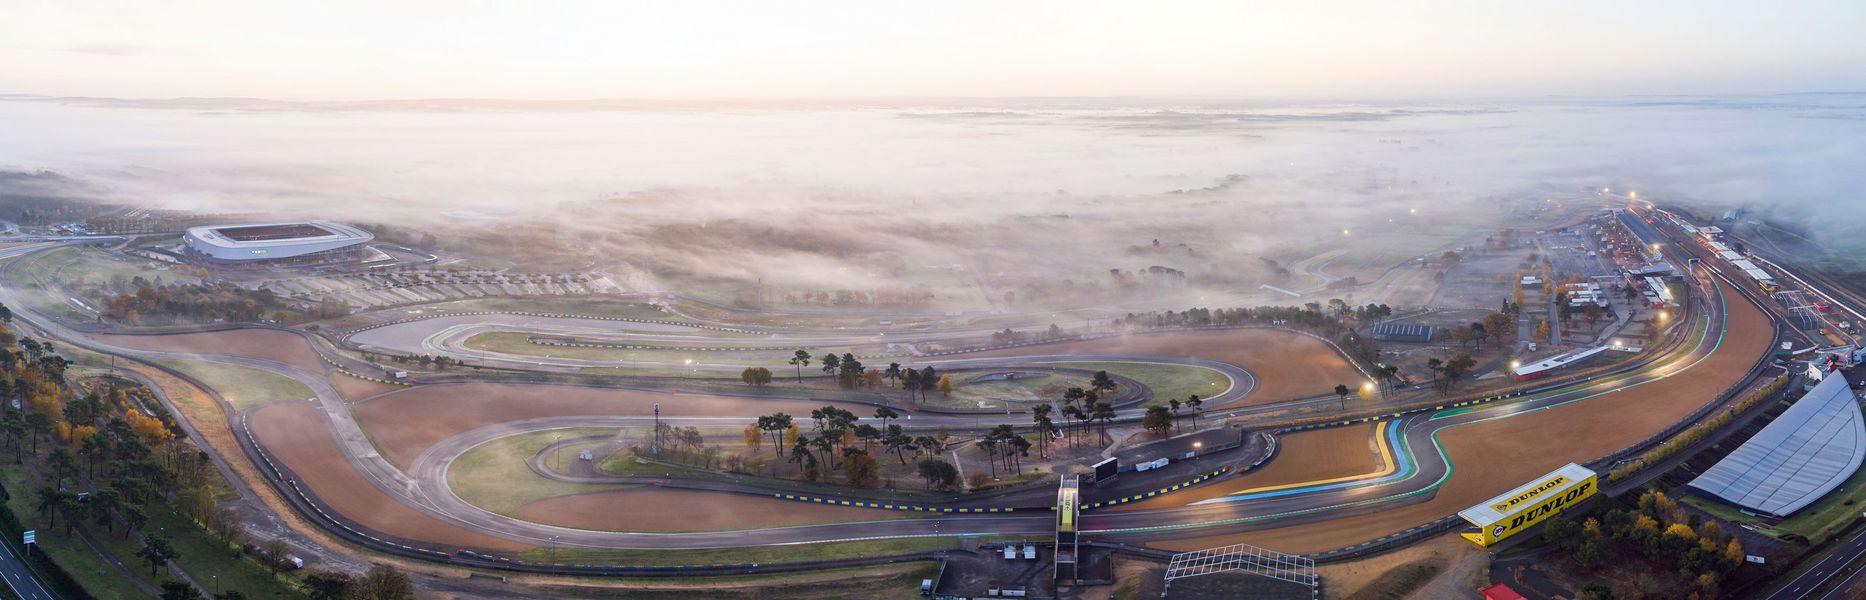 Circuit des 24 Heures du Mans Circuit des 24 Heures du Mans